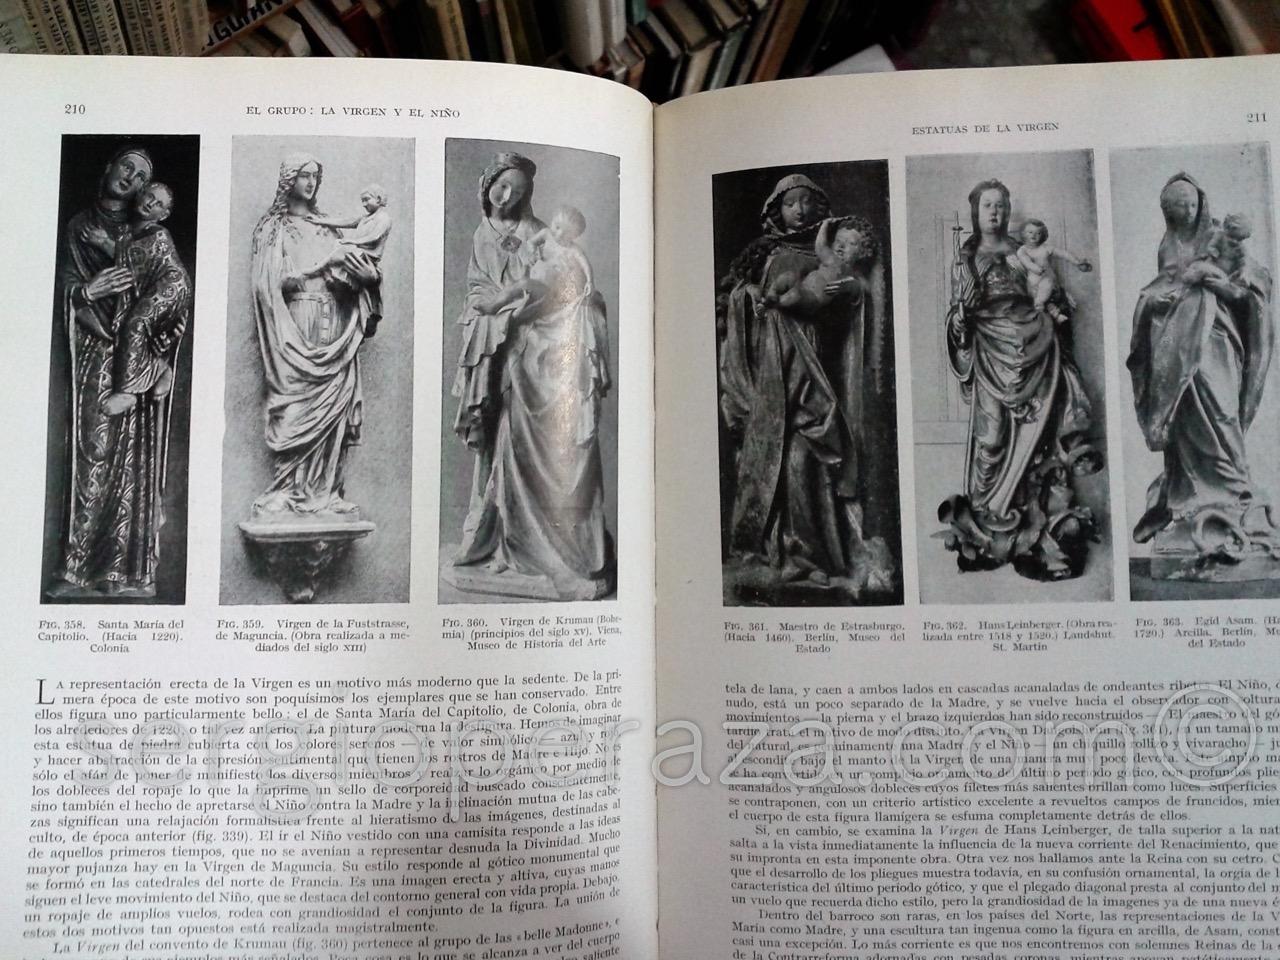 3Inspiracion Y Estudio En Fuentes Literarias Especializadas Biblioteca De Sergio Peraza Sergio Peraza Artista Escultor_Watermarked_1